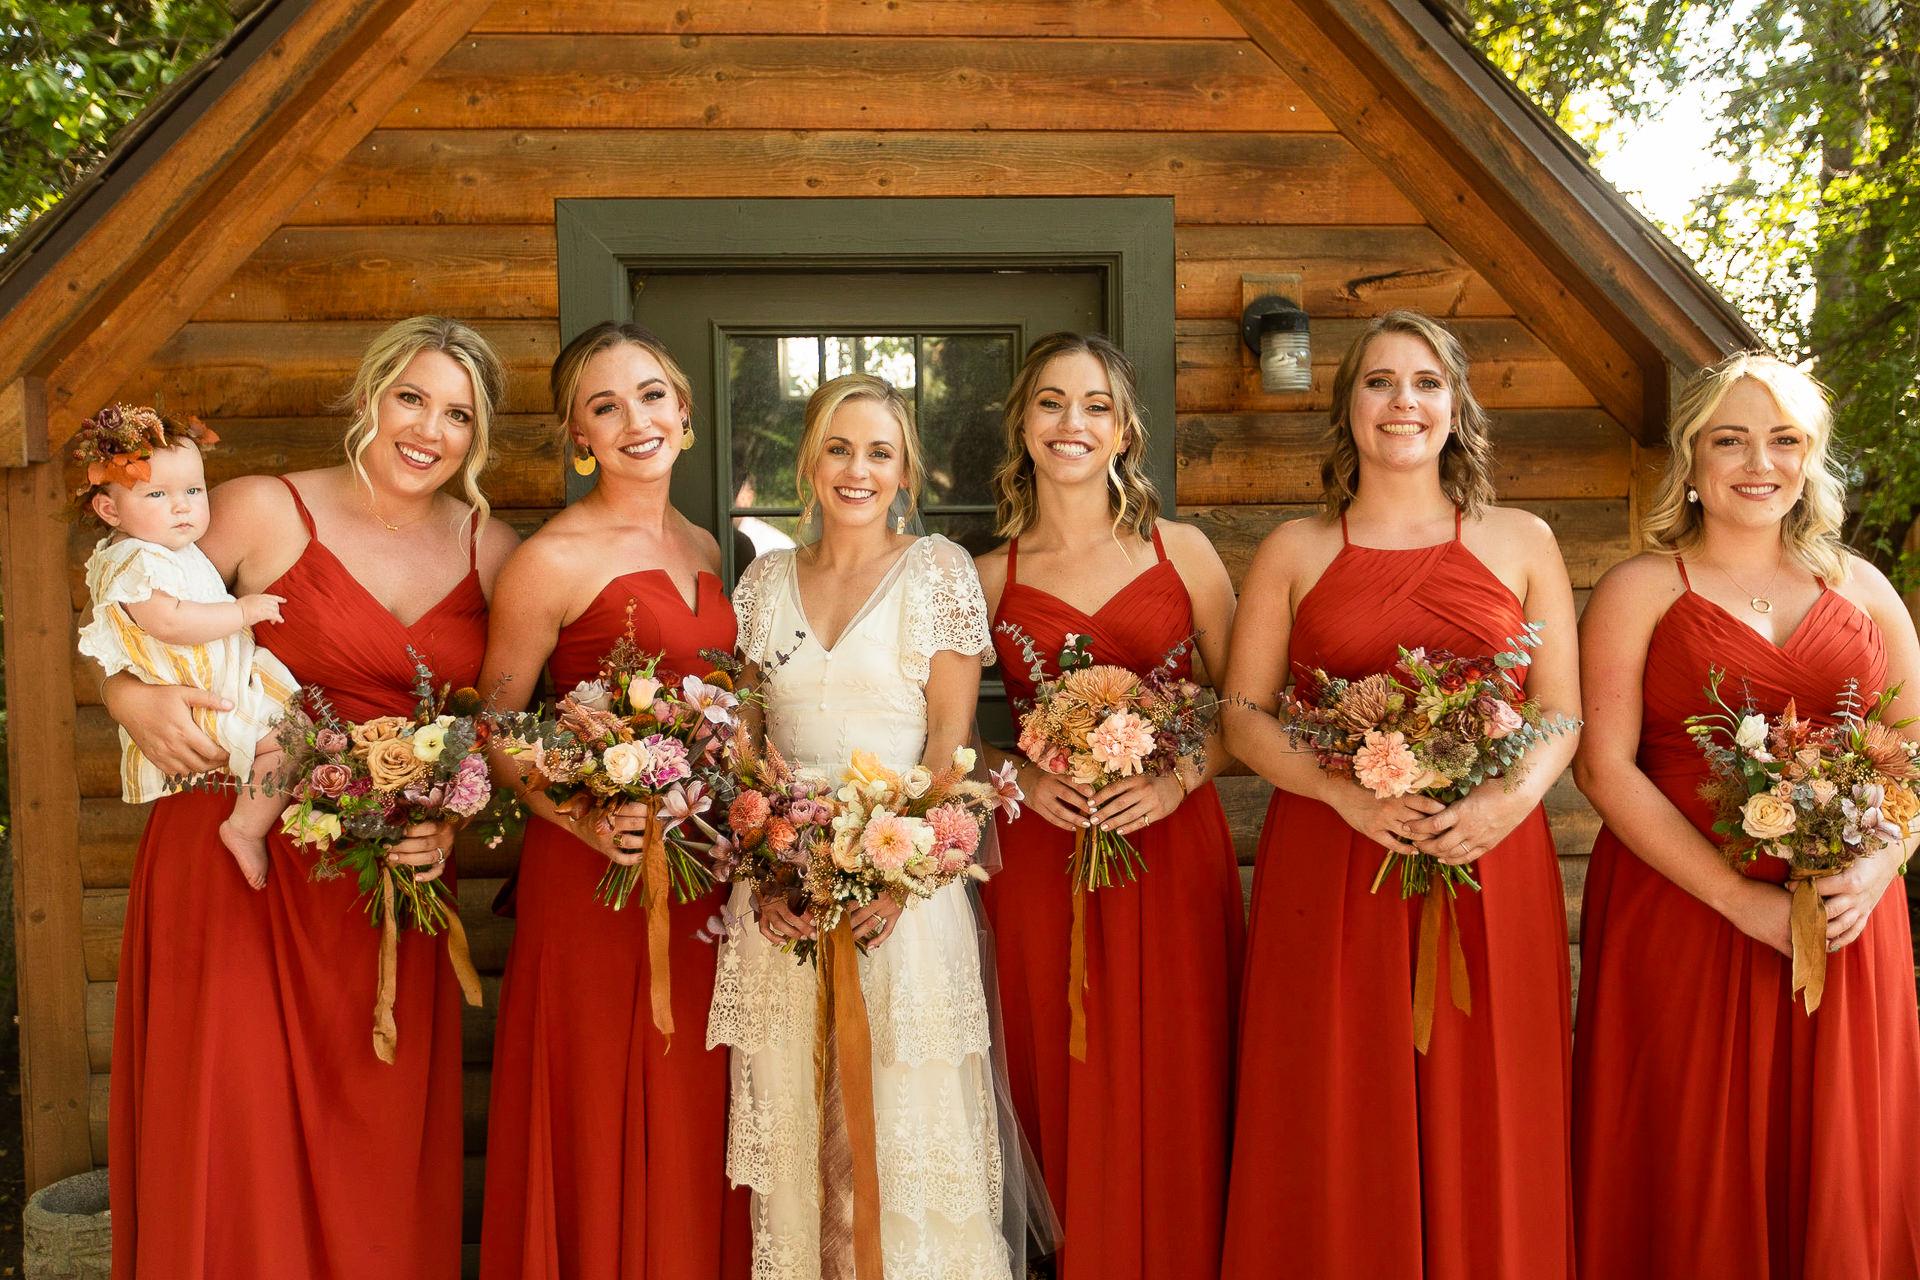 Wedding Party Bridesmaids